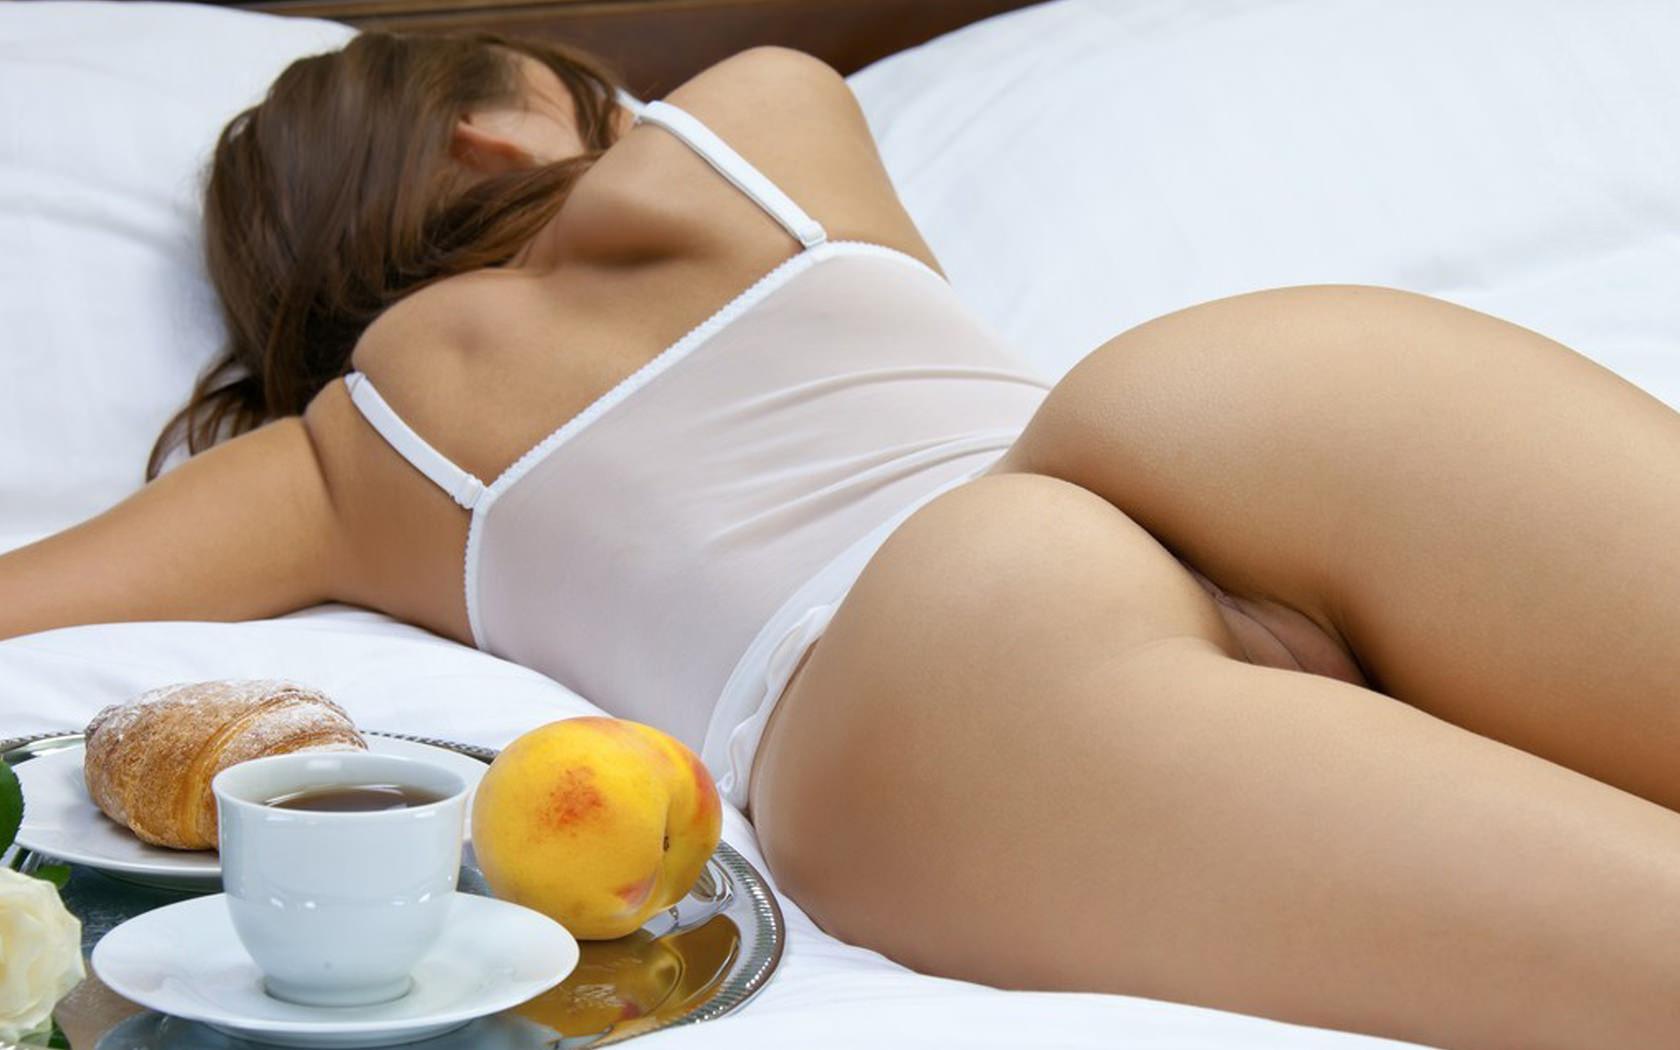 Фото спящие женщины эротика 7 фотография